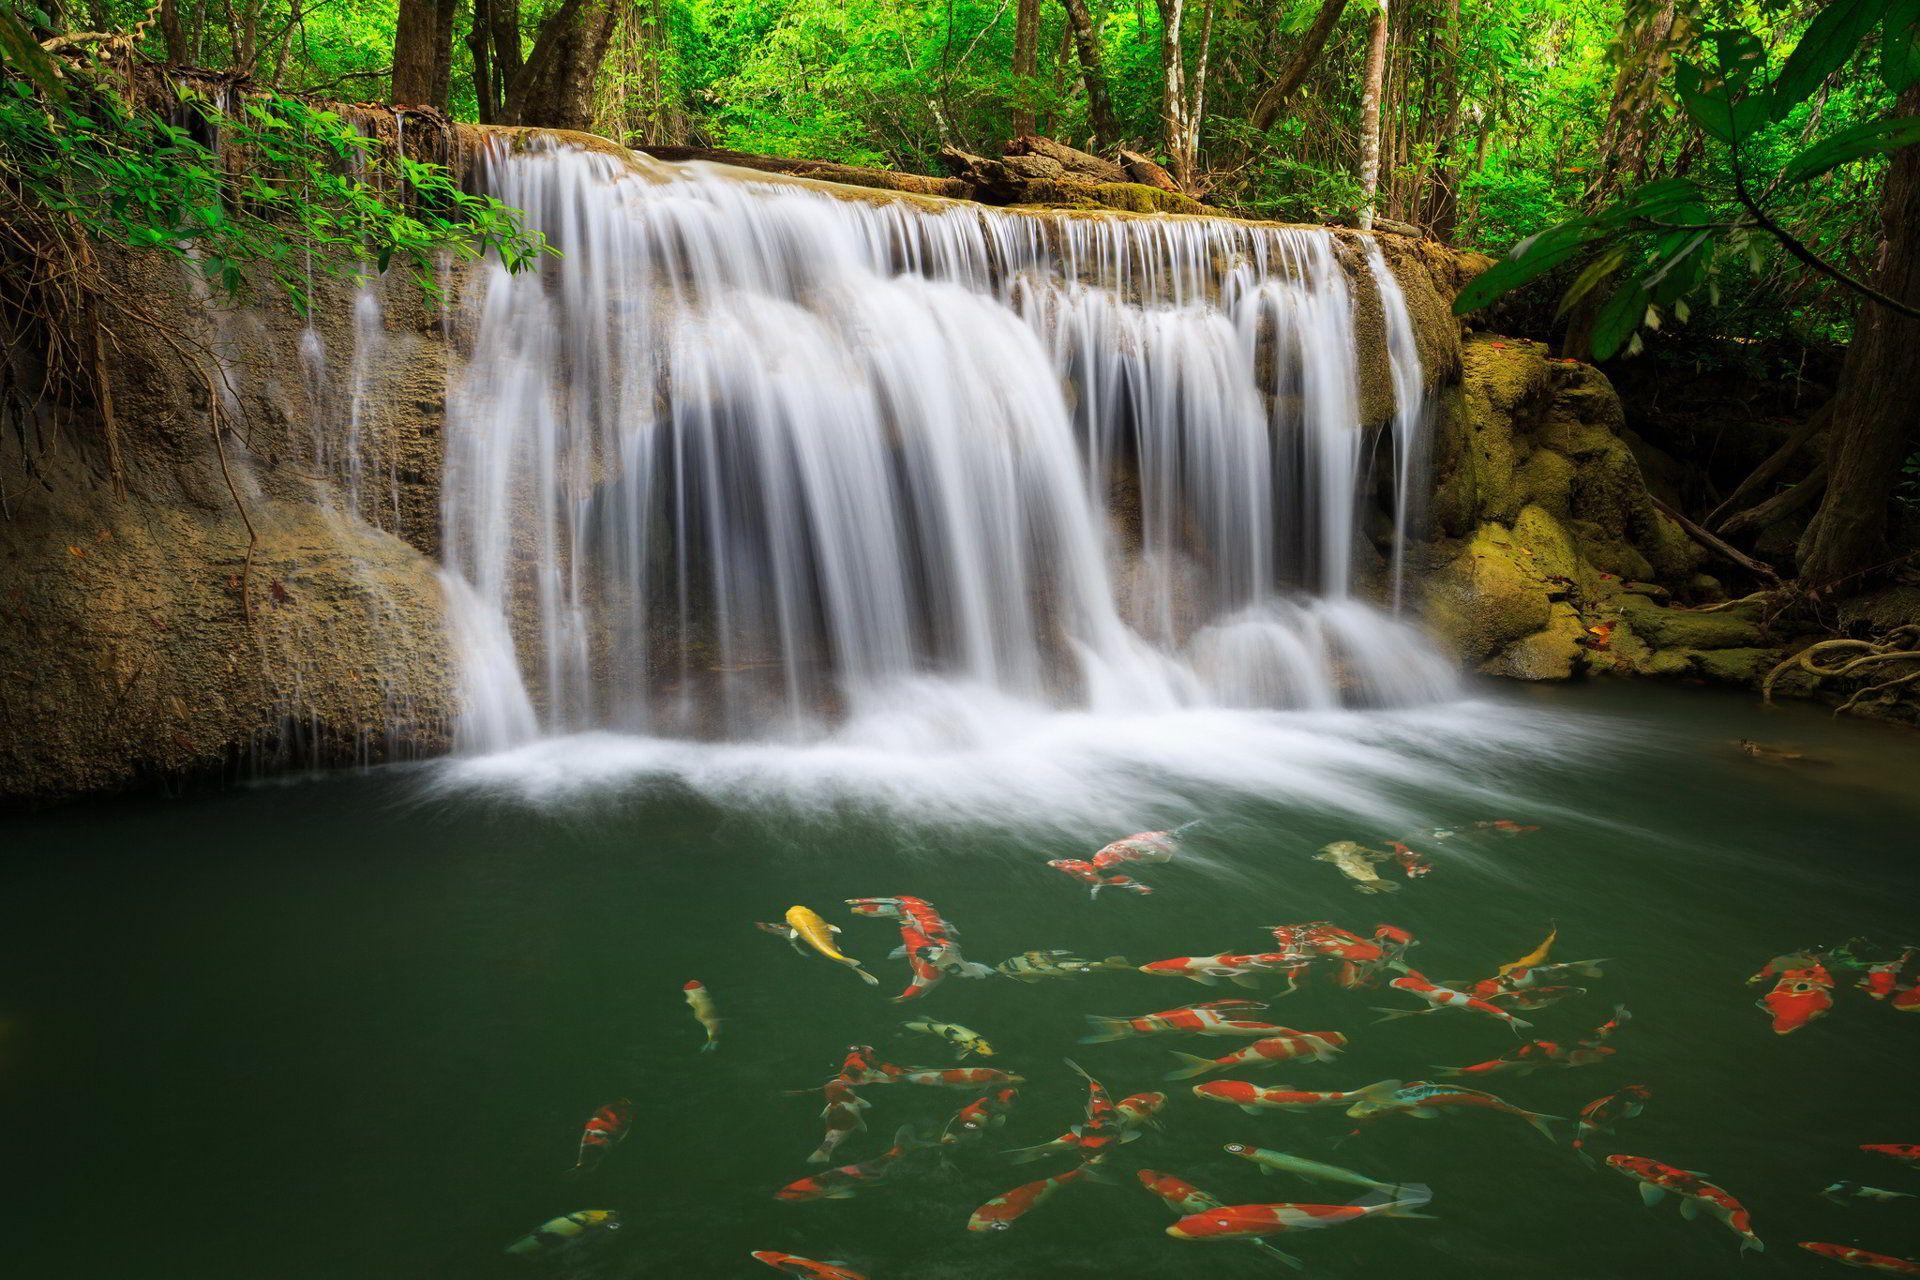 Hình ảnh thác nước và đàn cá đẹp